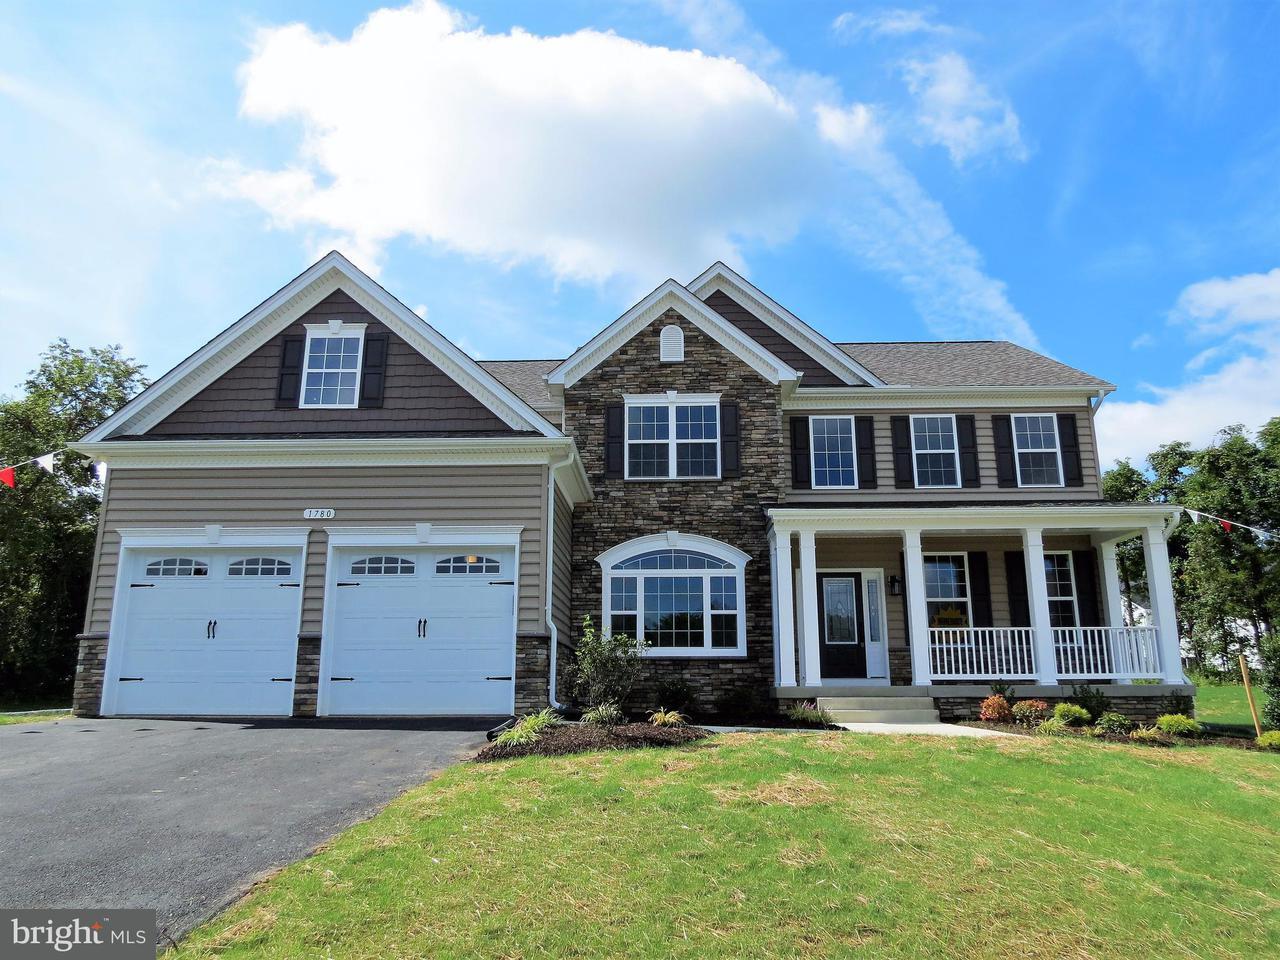 Einfamilienhaus für Verkauf beim 1780 PERSPECTIVE Place 1780 PERSPECTIVE Place Owings, Maryland 20736 Vereinigte Staaten